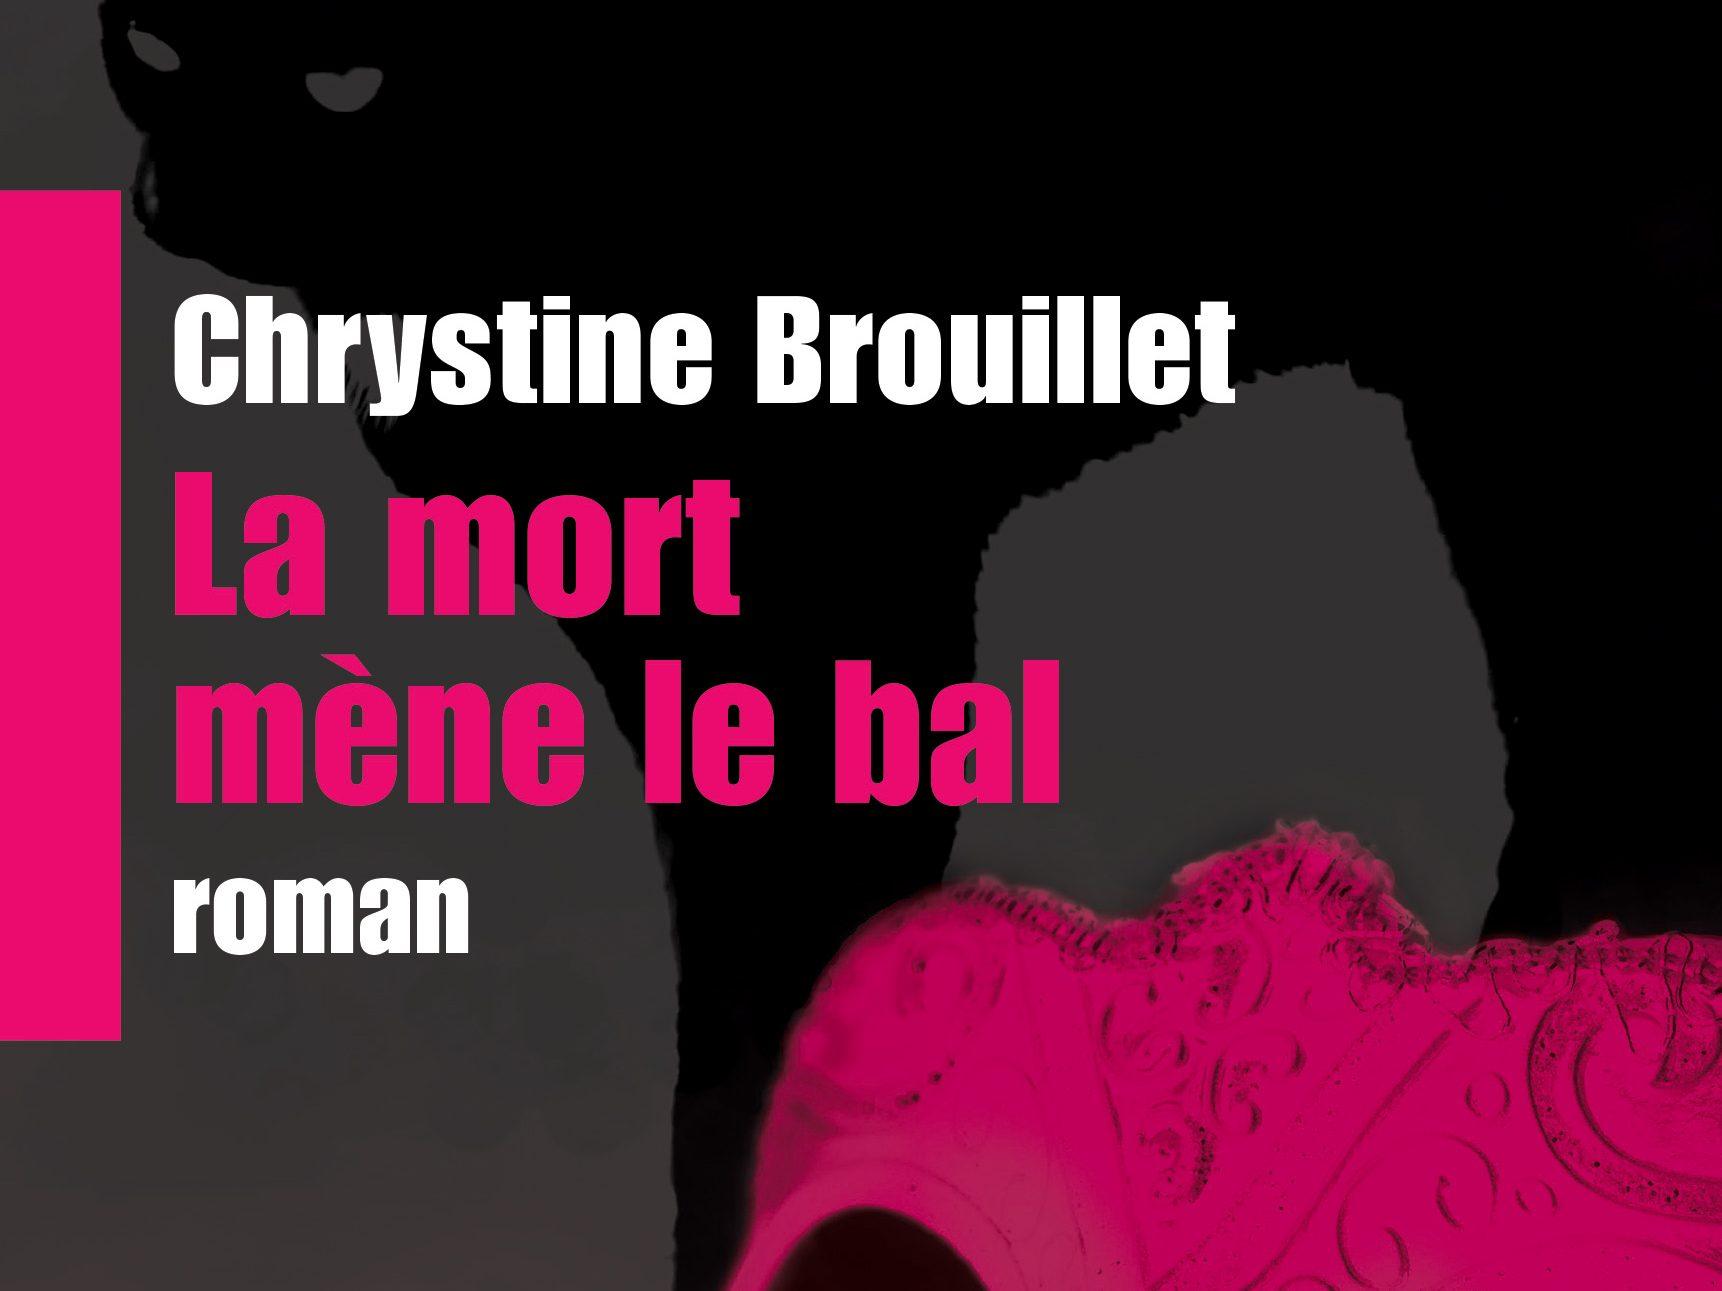 La mort mène le bal de Chrystine Brouillet, éditions de l'Homme